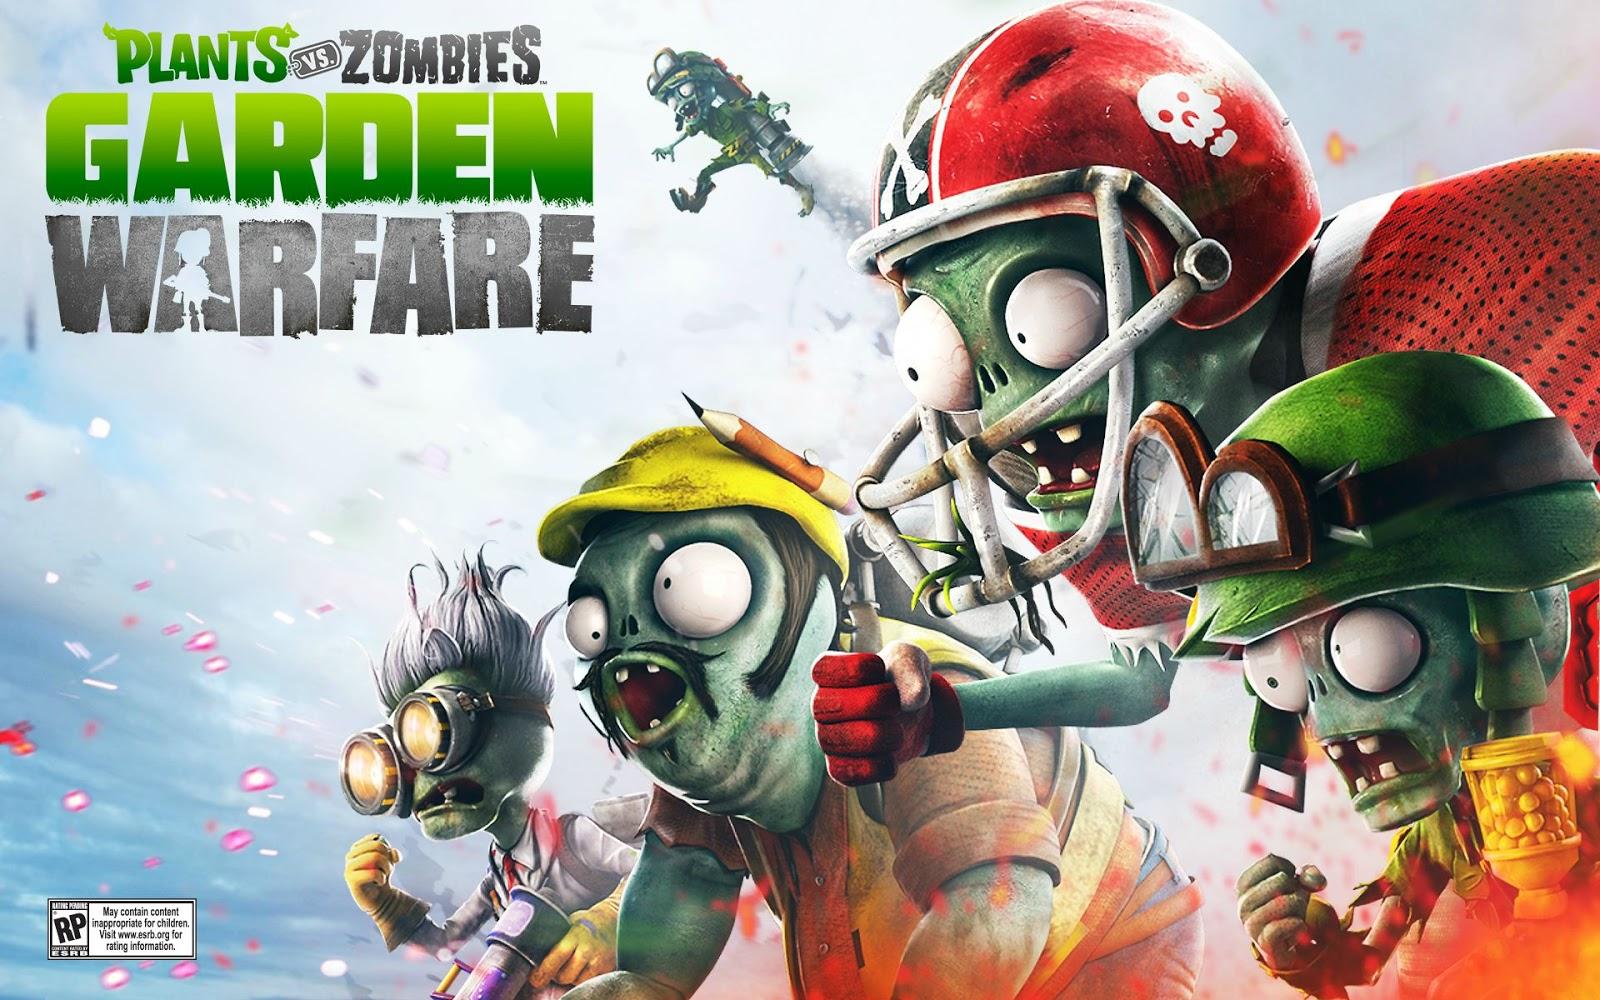 Free Download Wallpapers In Het Weekend Plants Vs Zombies Garden